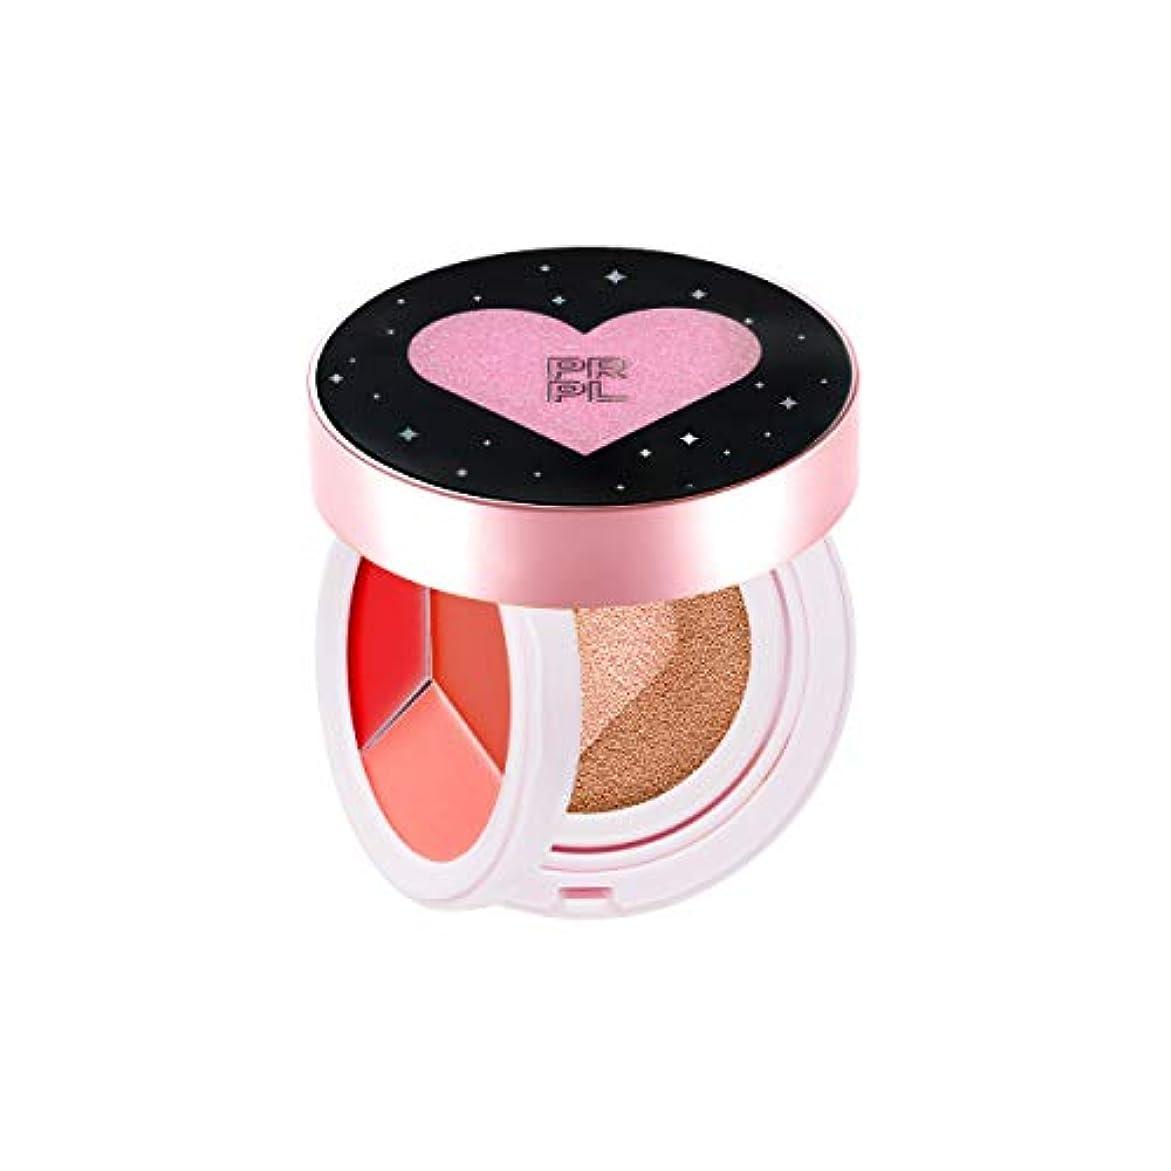 演じる自伝マキシムPRPL Kiss and Heart Double Cushion (Black Edition) #23 Pure Beige - Korean Make-up, Cushion Foundation, Korean...